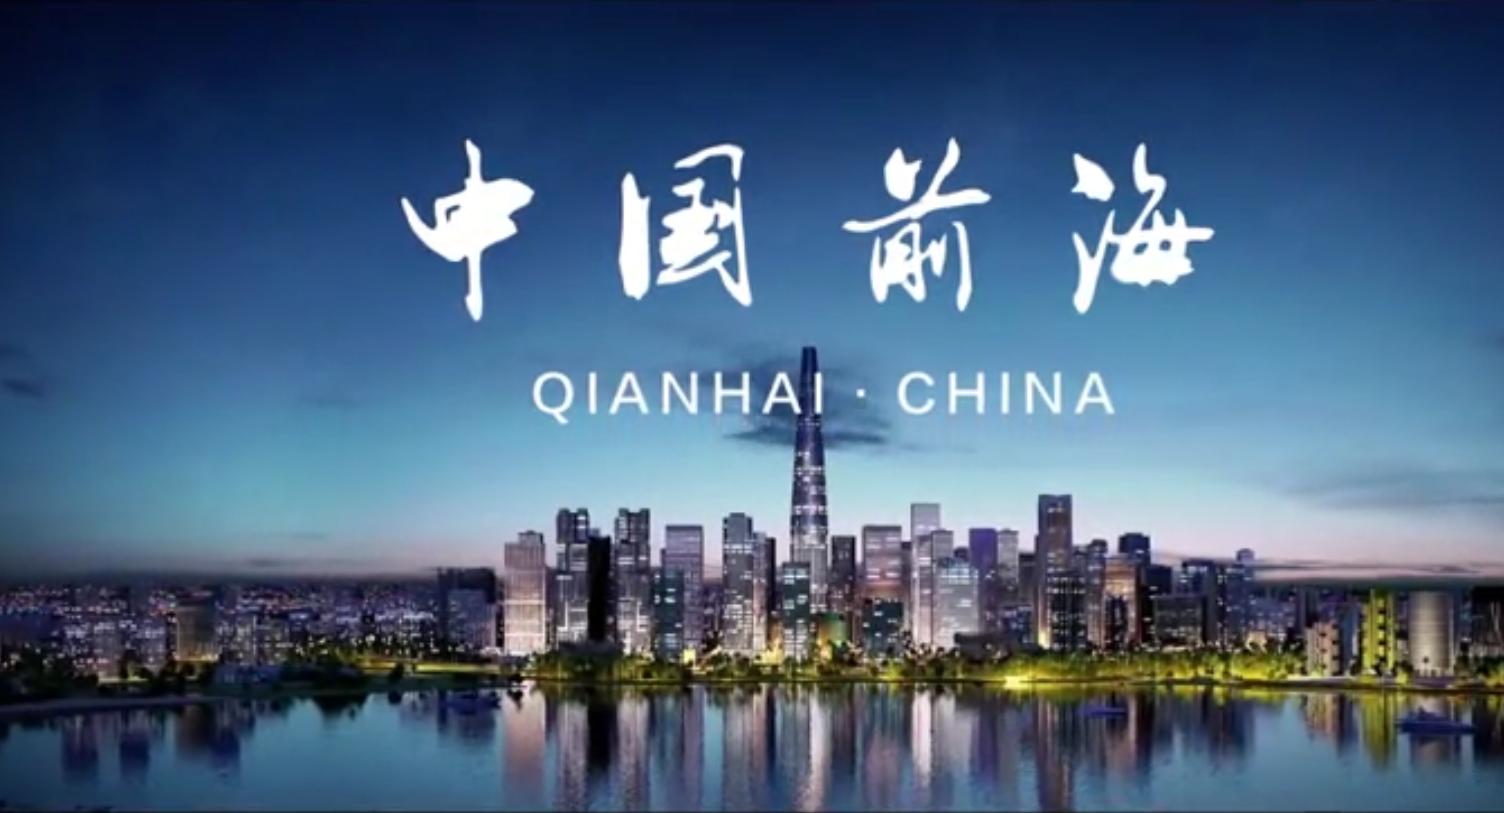 《中国·前海》深圳前海深港合作区宣传片